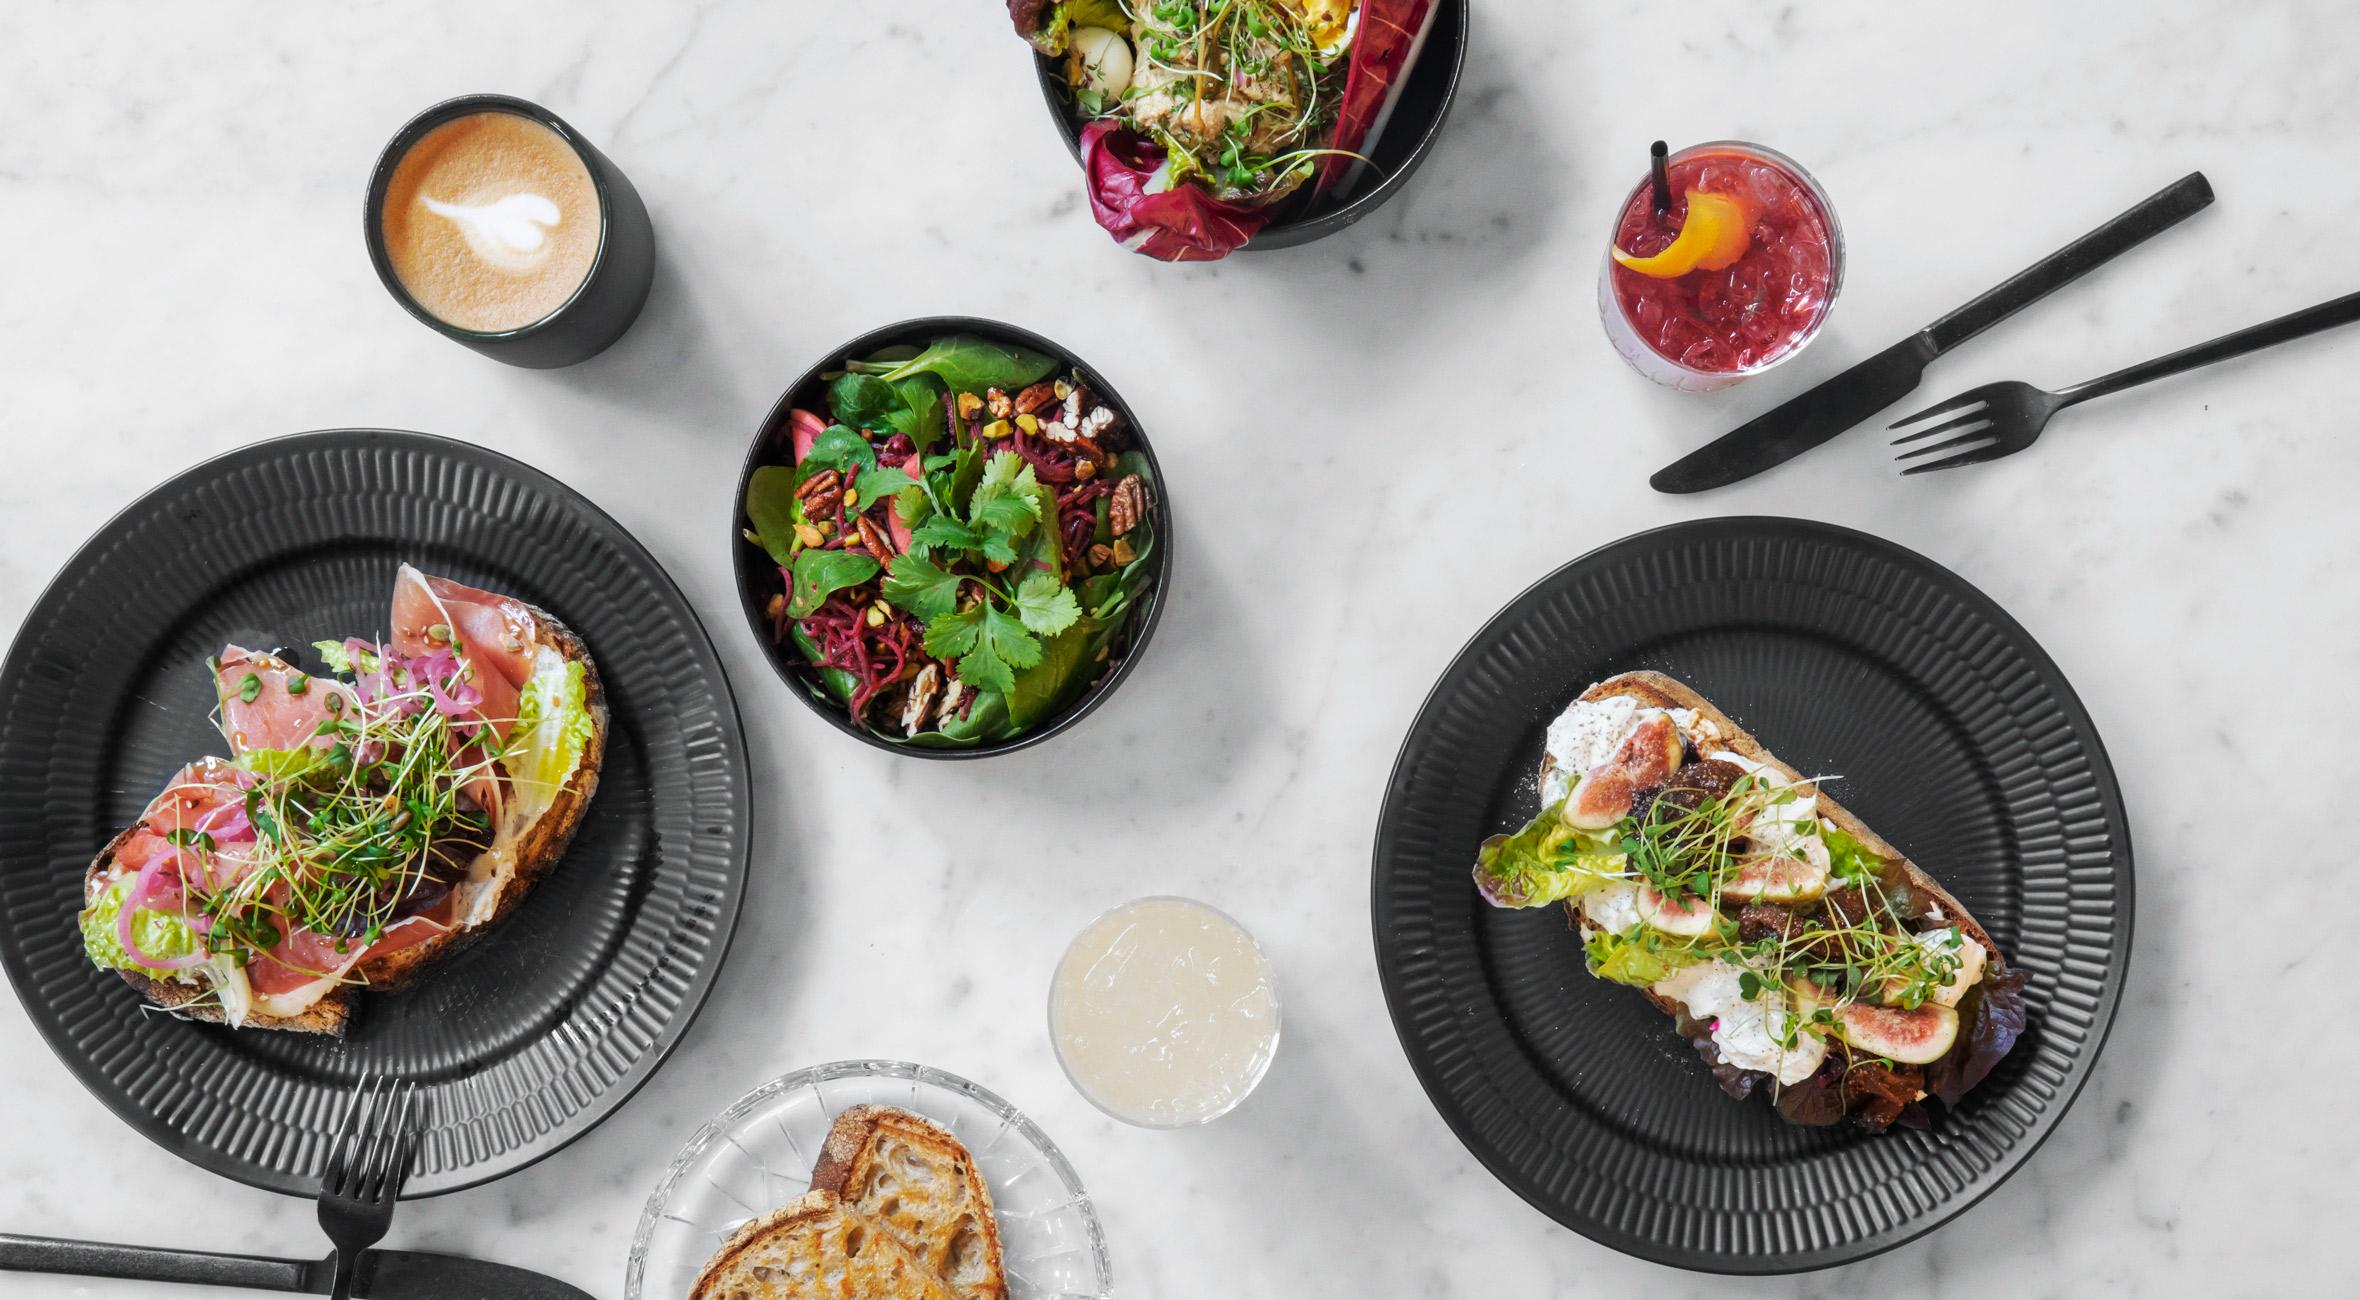 Frokost & drikke for 2 personer hos LOUISE ROE GALLERY – Kendt designer har åbnet eksklusivt livsstils- og caféunivers i hjertet af København